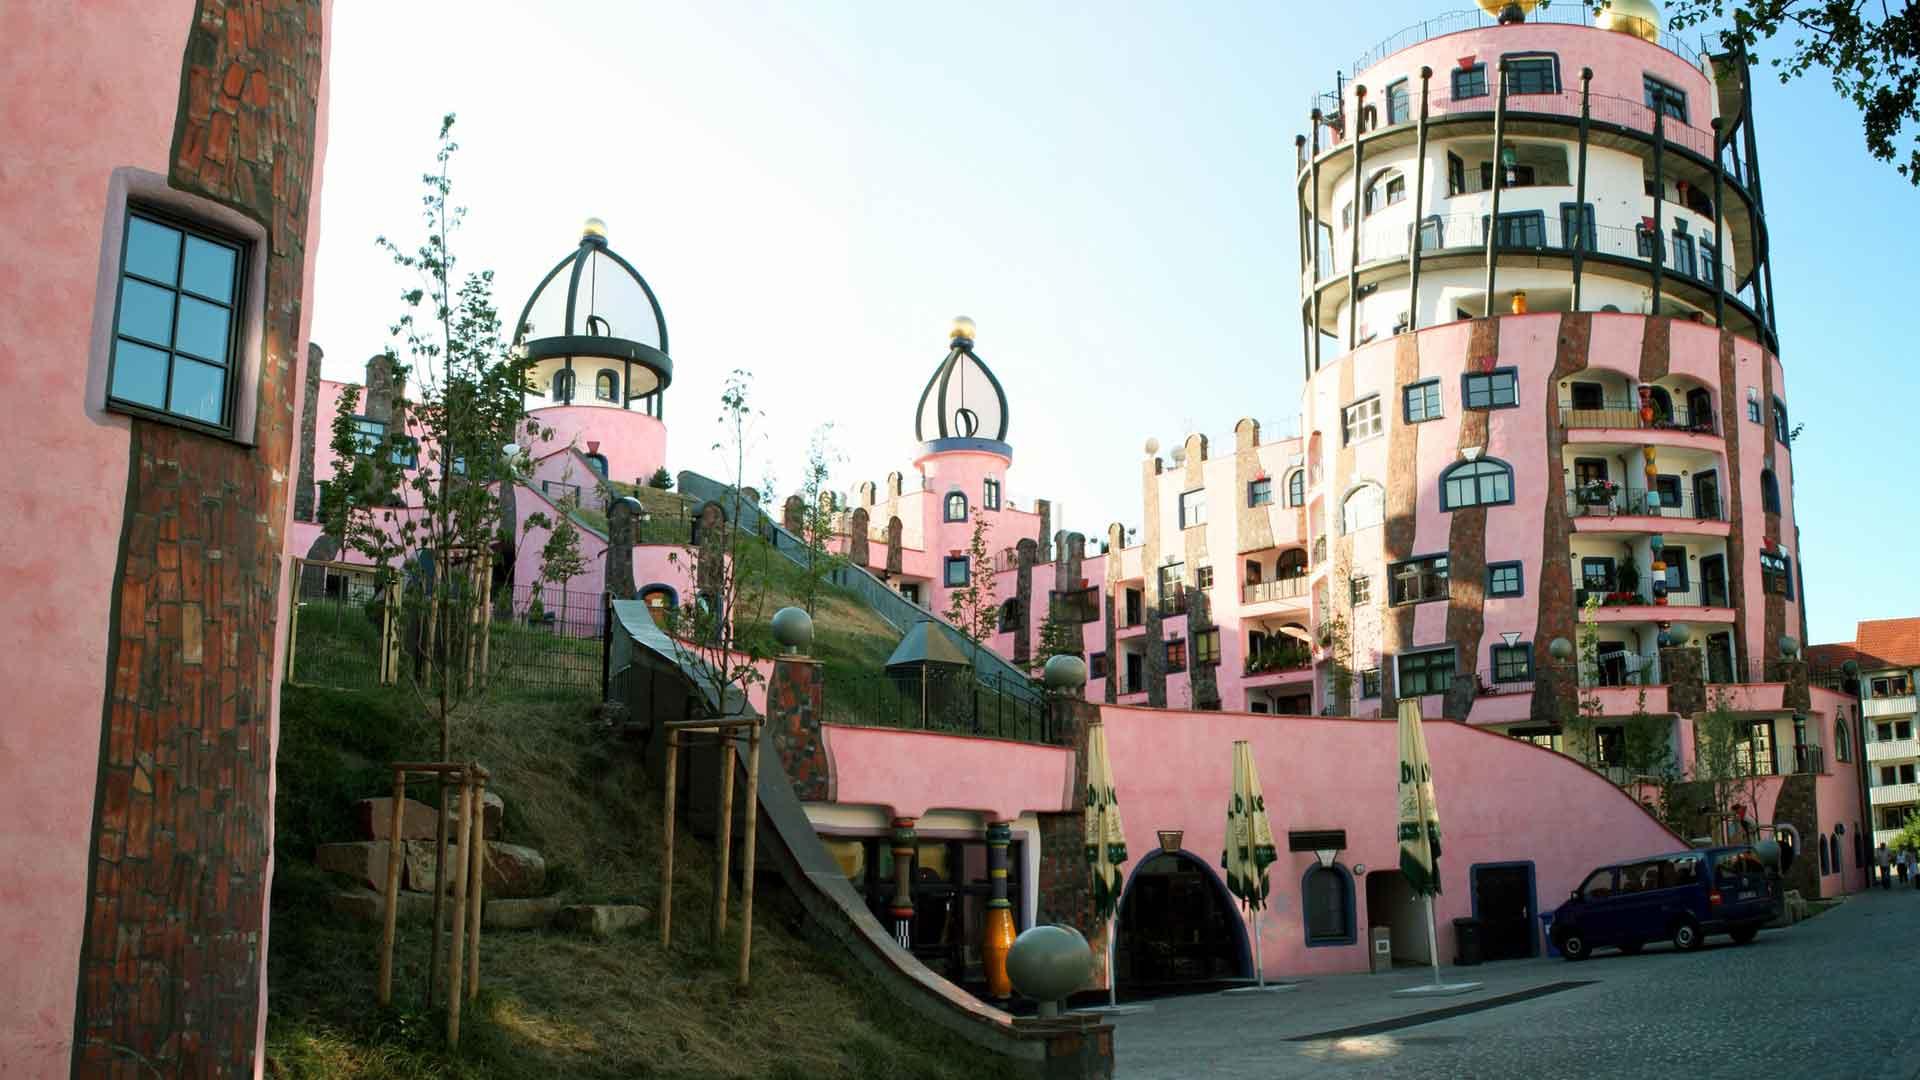 Die Grüne Zitadelle van de architect Hundertwasser is het trekpleister in Magdeburg.